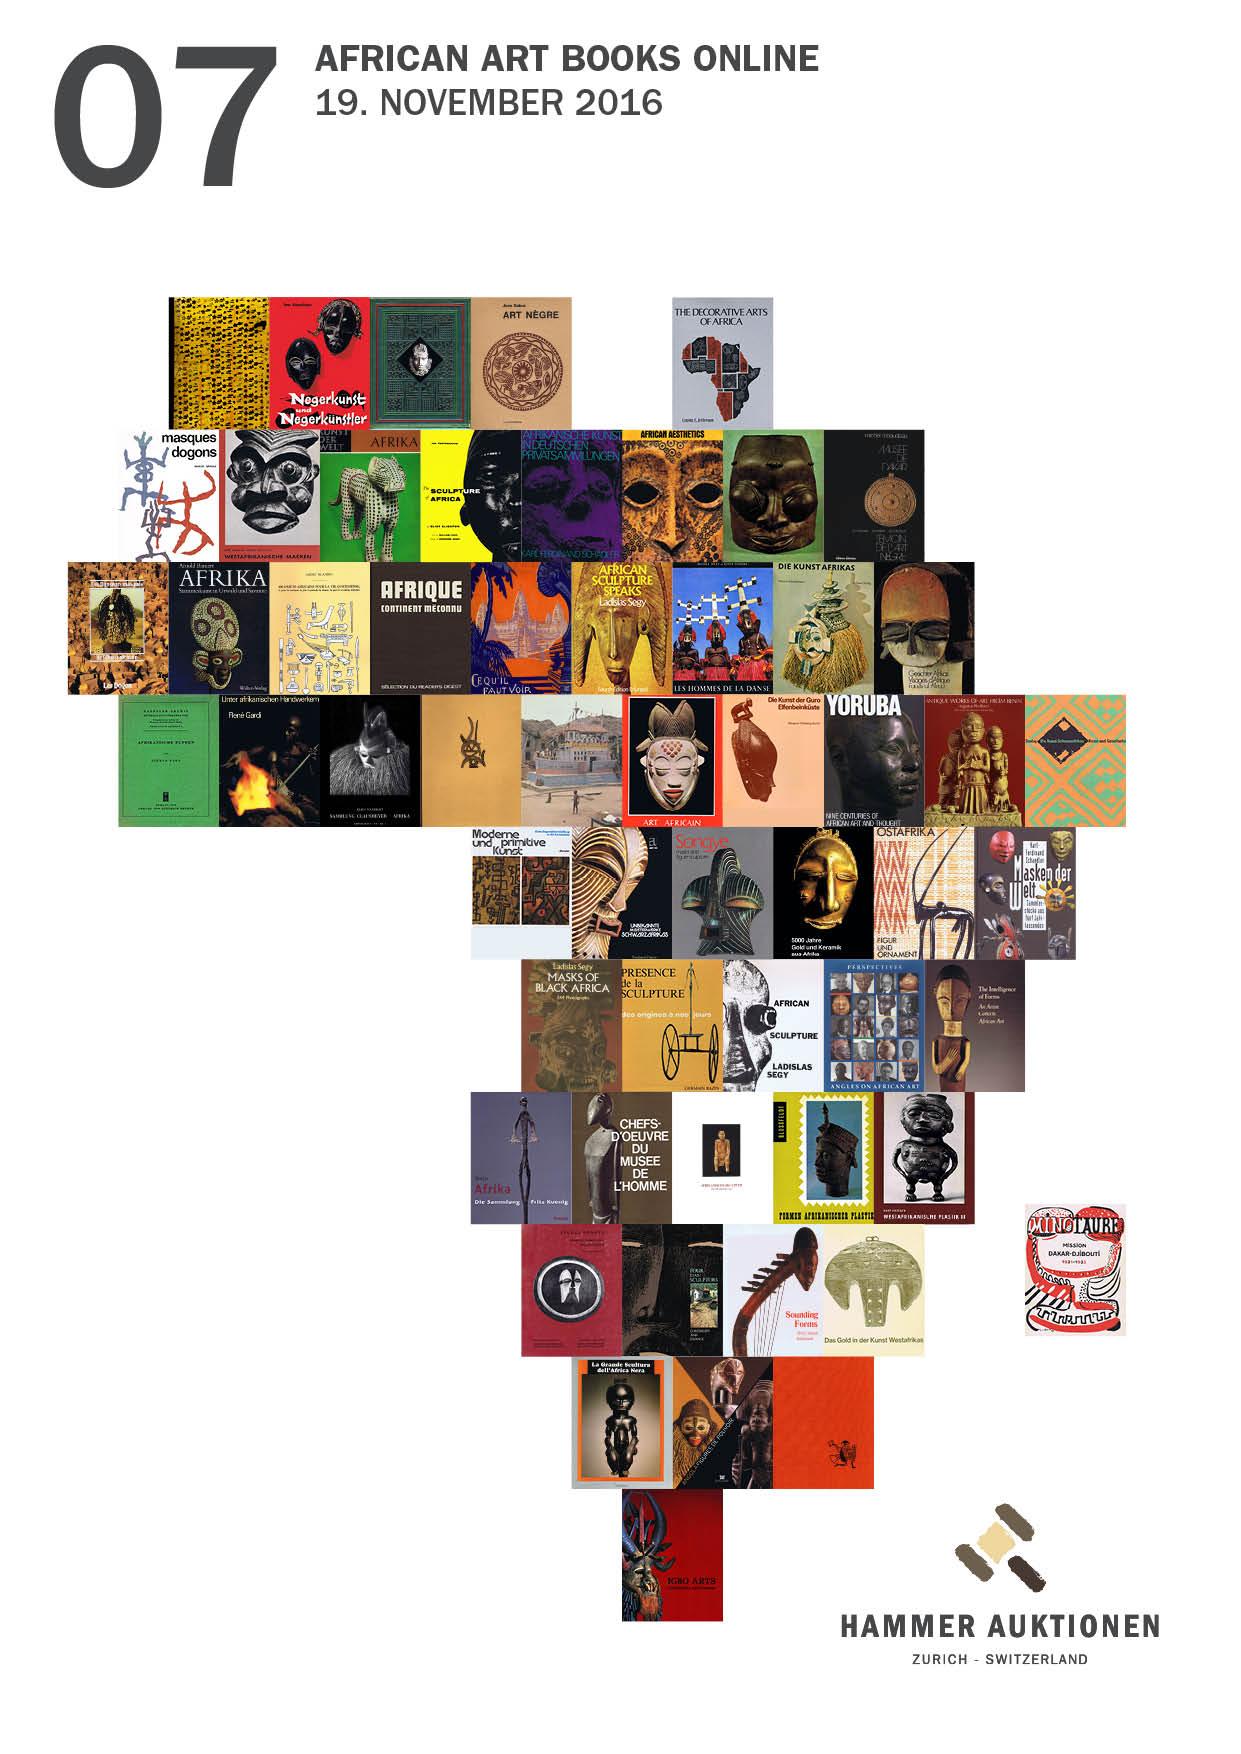 african art books online hammer auktionen z rich switzerland. Black Bedroom Furniture Sets. Home Design Ideas